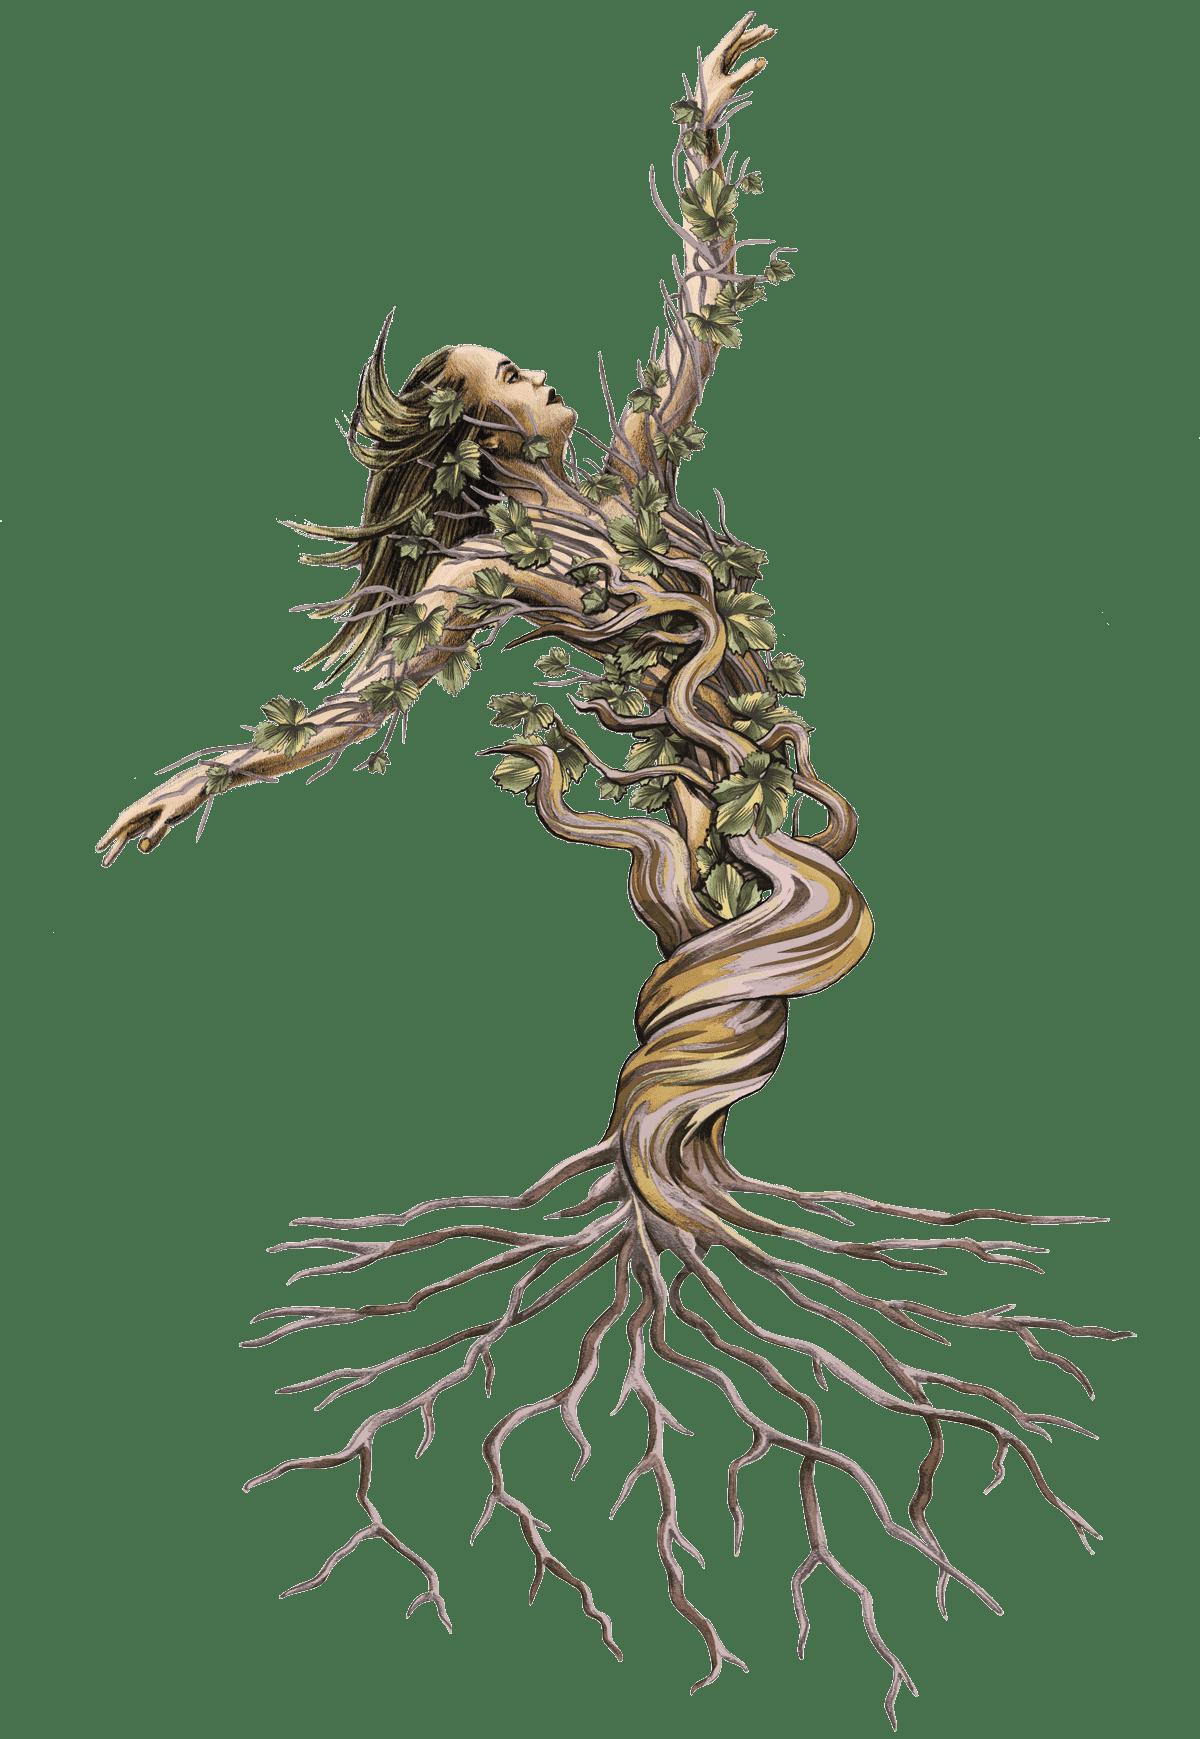 Scarlet Vine - Vine Woman Illustration